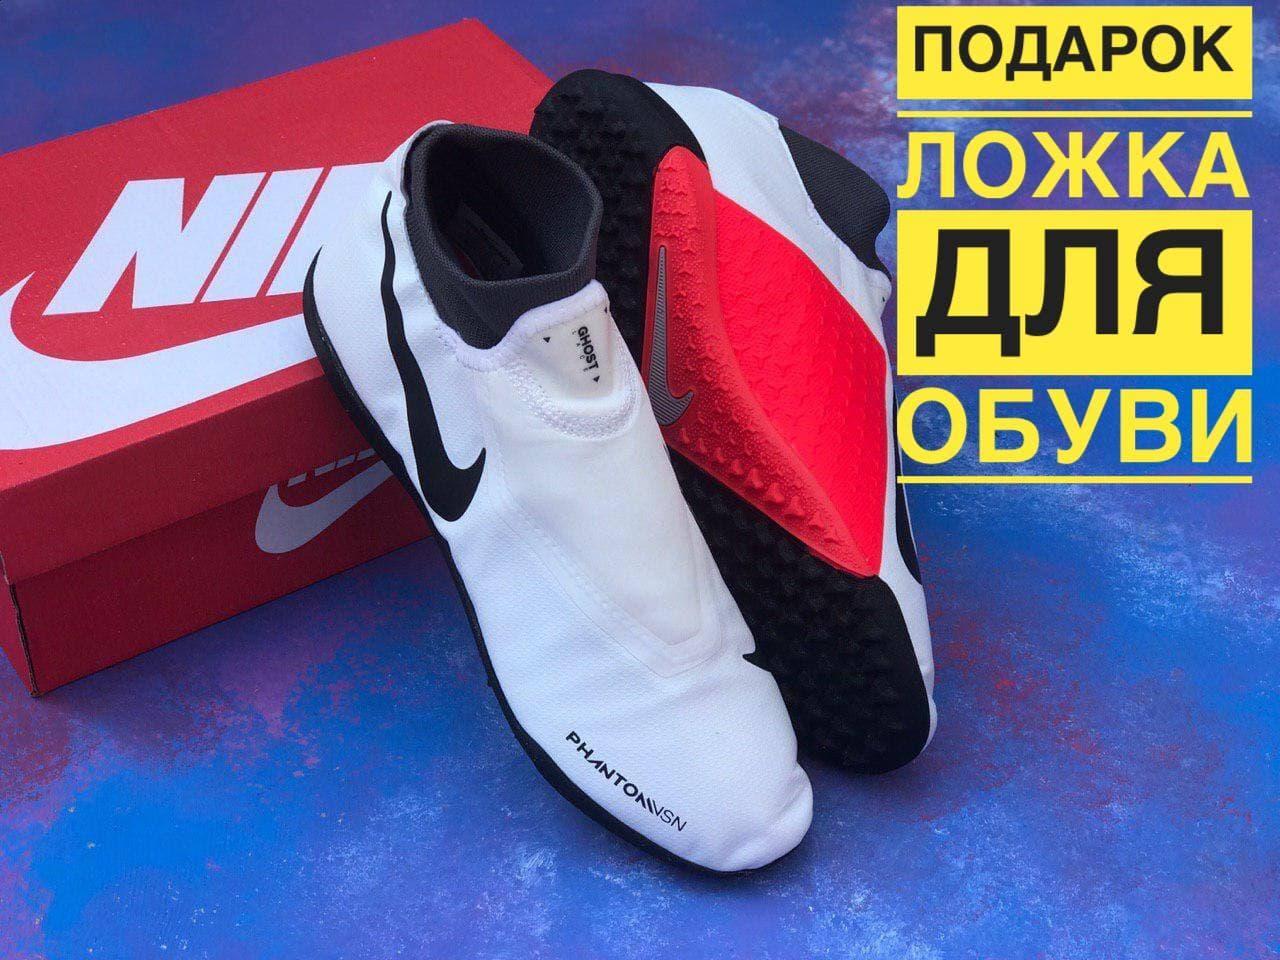 Стоноги Nike Phantom VSN / бампы / футбольна взуття / найк фантом